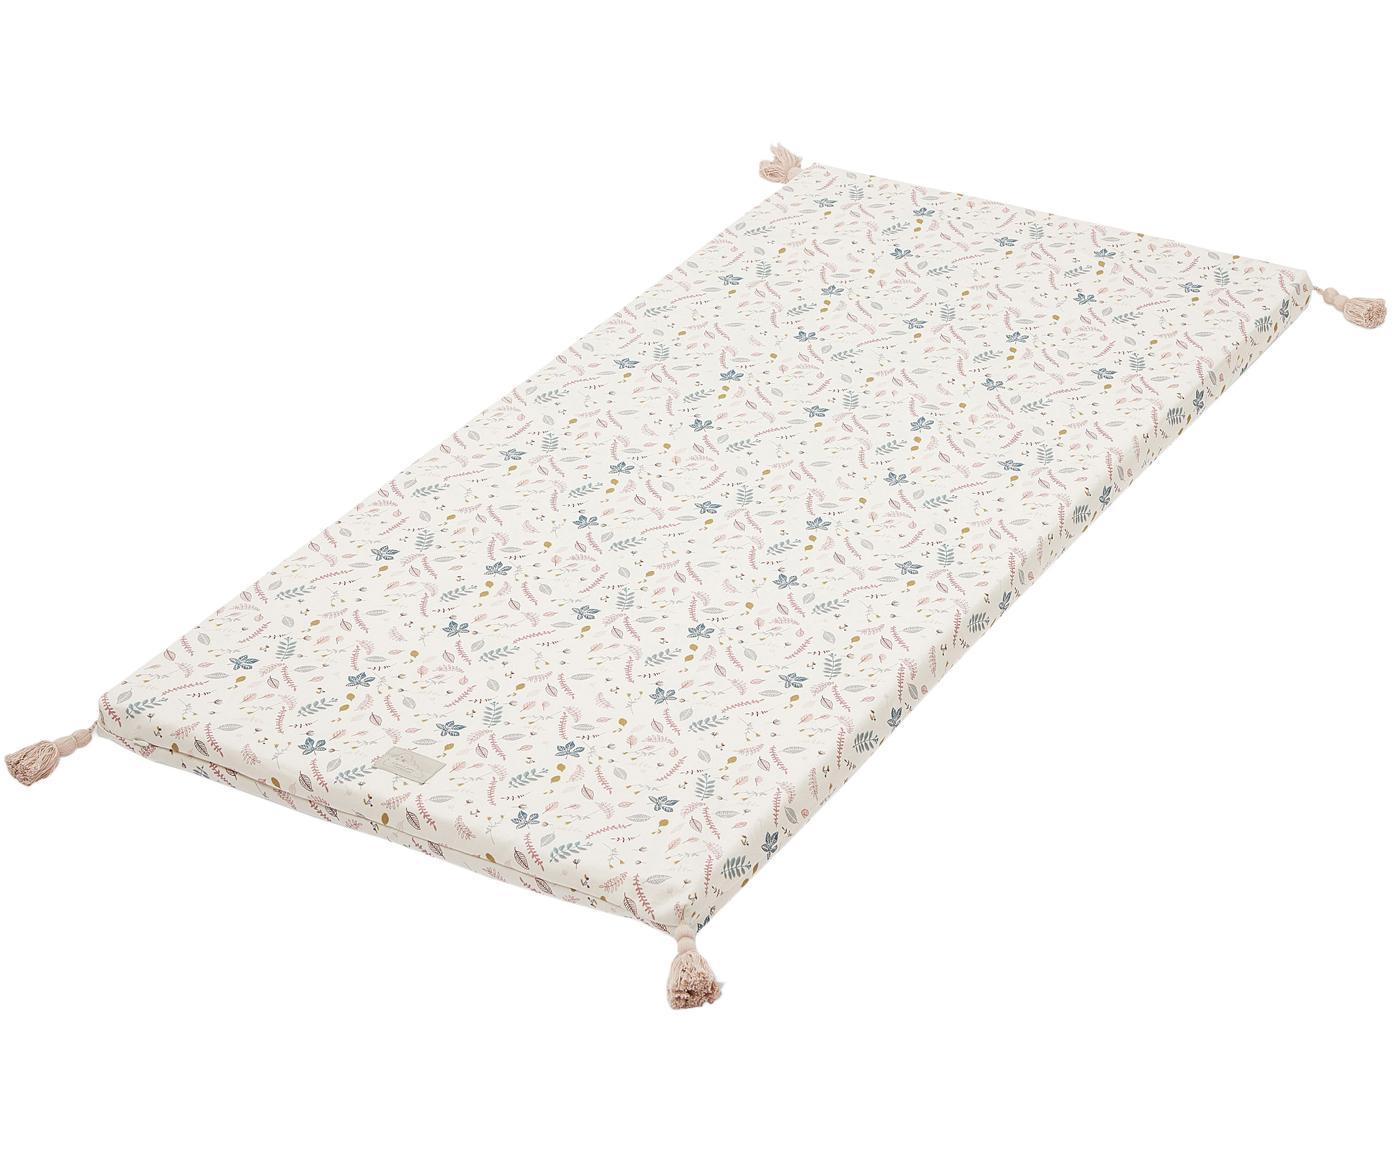 Materassino imbottito  in cotone organico Pressed Leaves, Crema, rosa, blu, grigio, giallo, Larg. 60 x Lung. 120 cm